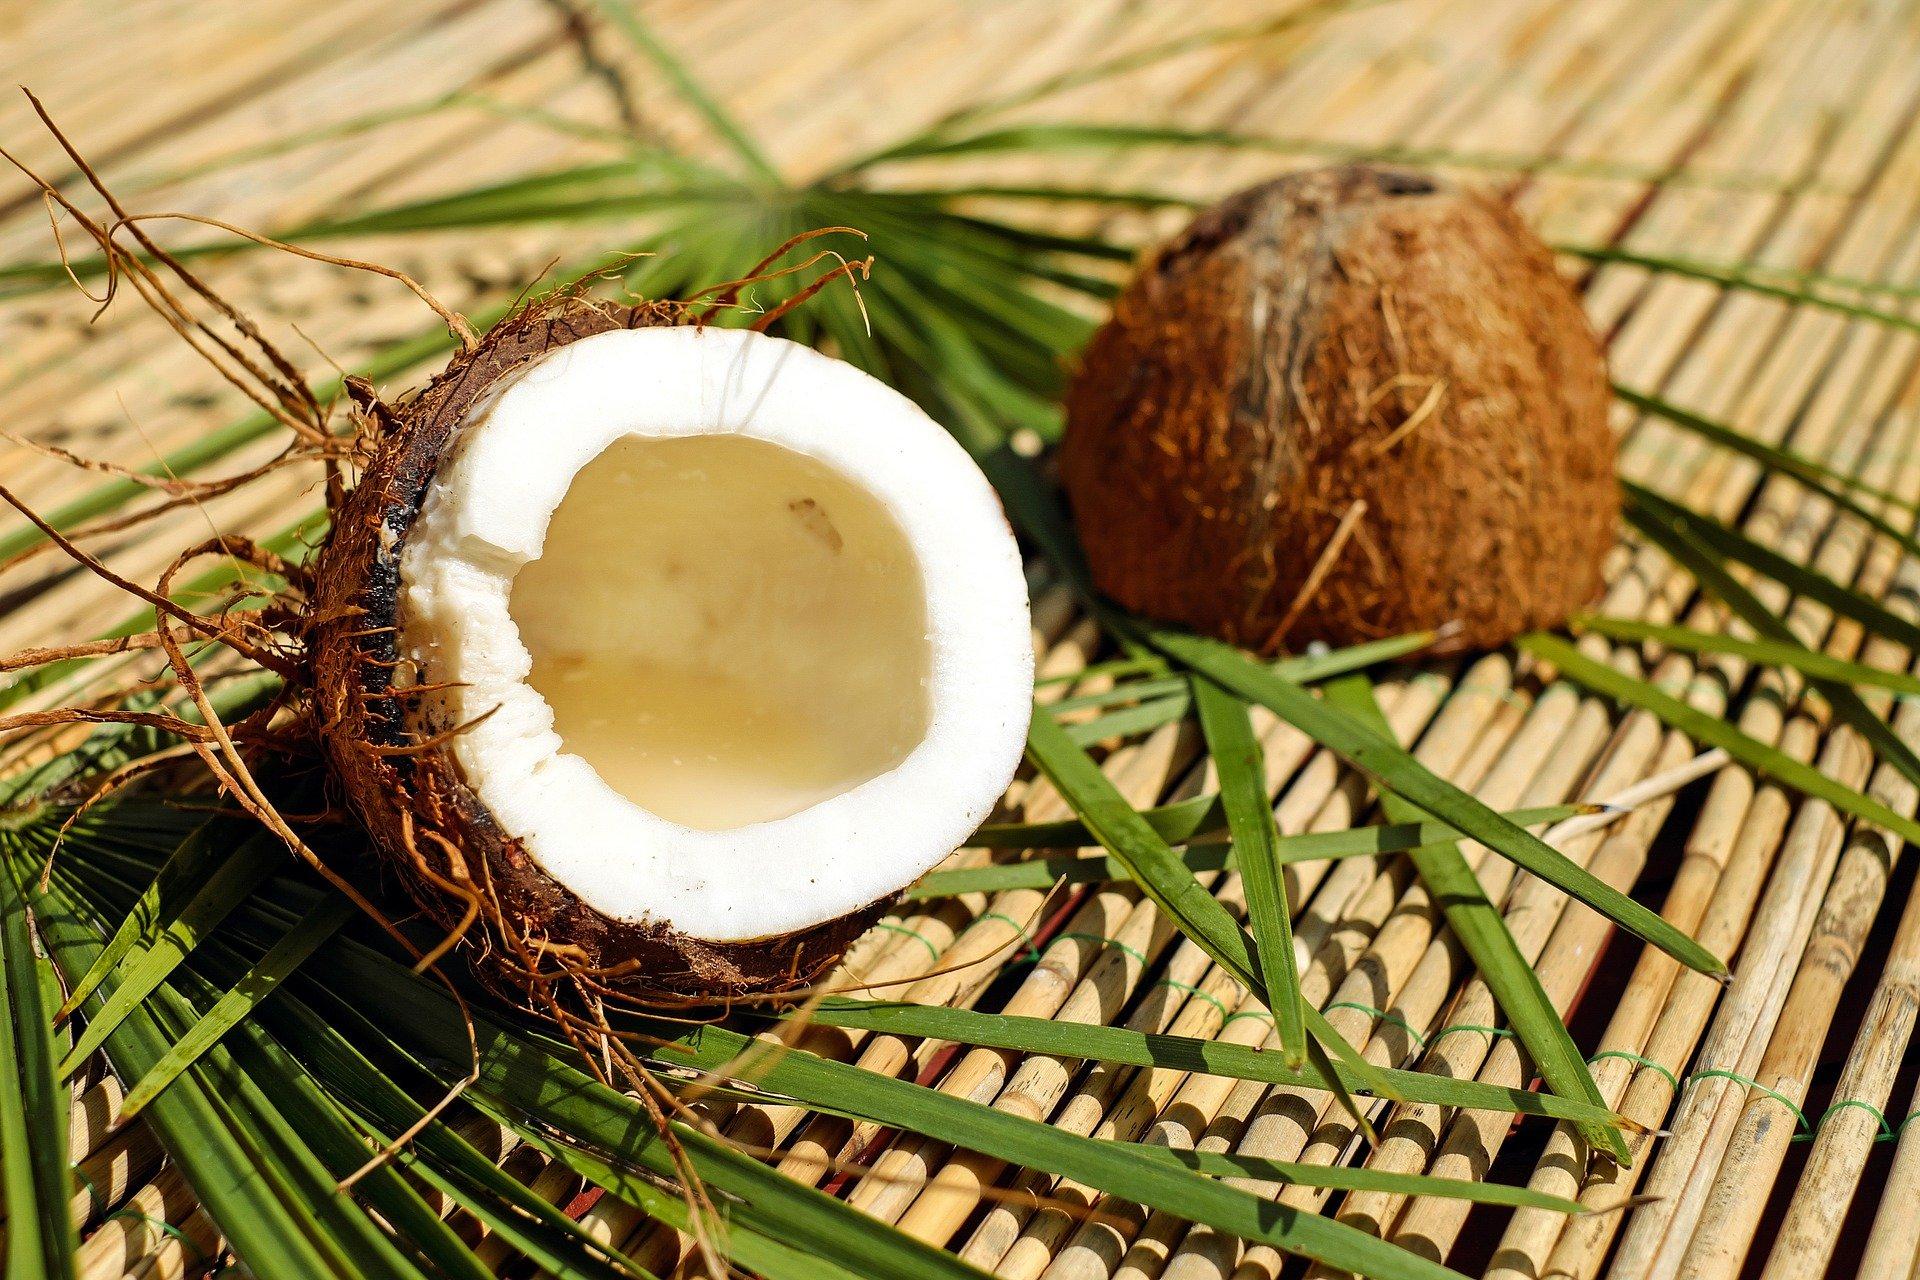 Bio Kokos Reis Drink - Kaufideen. Beste Bio Kokos Reis Drinks finden